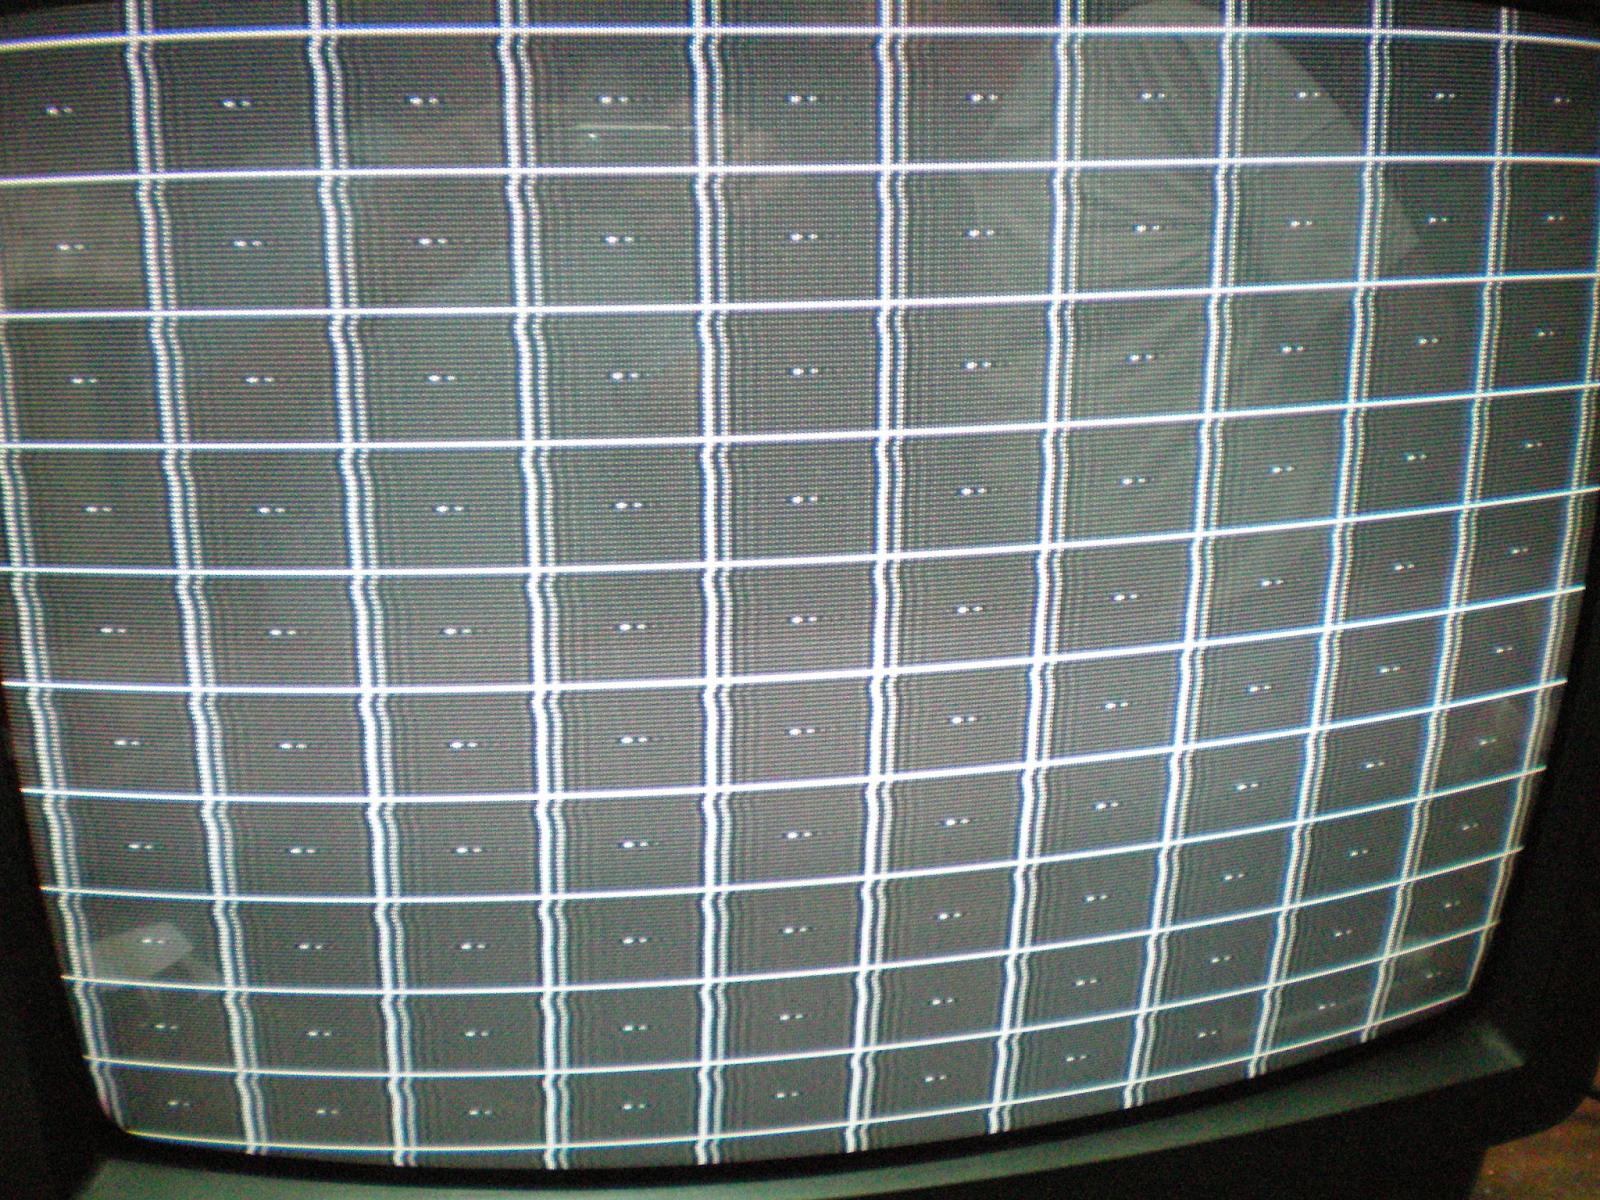 Imagen mostrando el síntoma de una falla de fantasmas sobre el lado derecho de la imagen producido por un defecto en la bobina L106 de FI de Video.